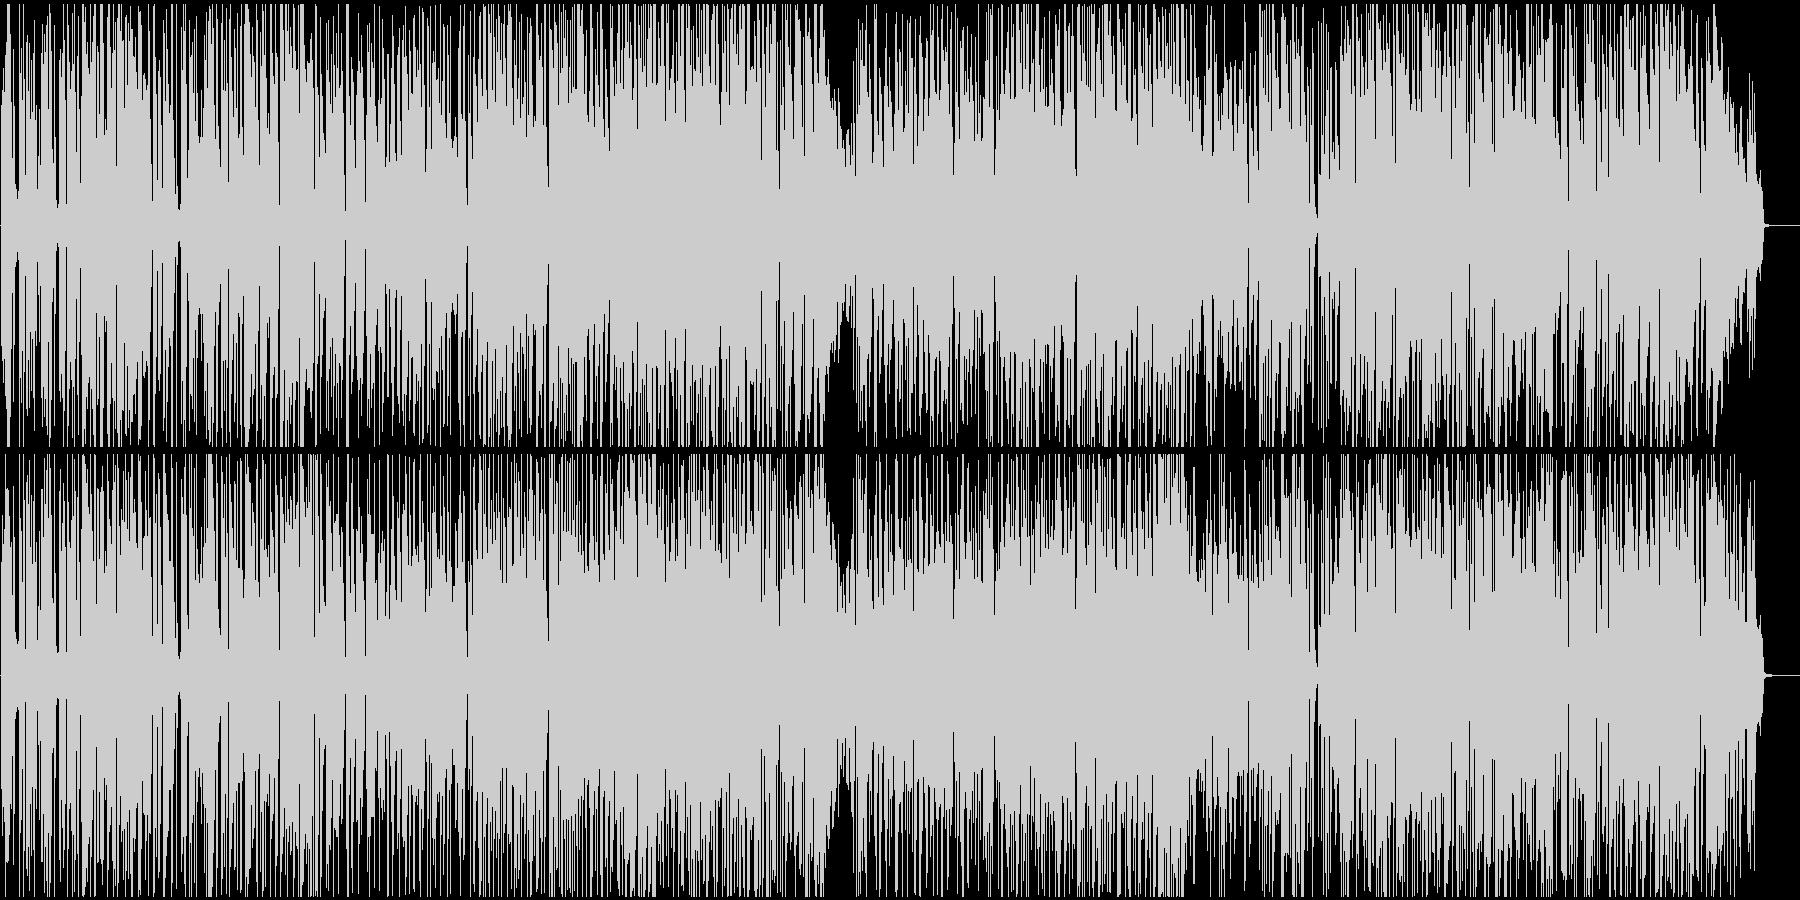 オープニングBGM印象大の爽やかファンクの未再生の波形